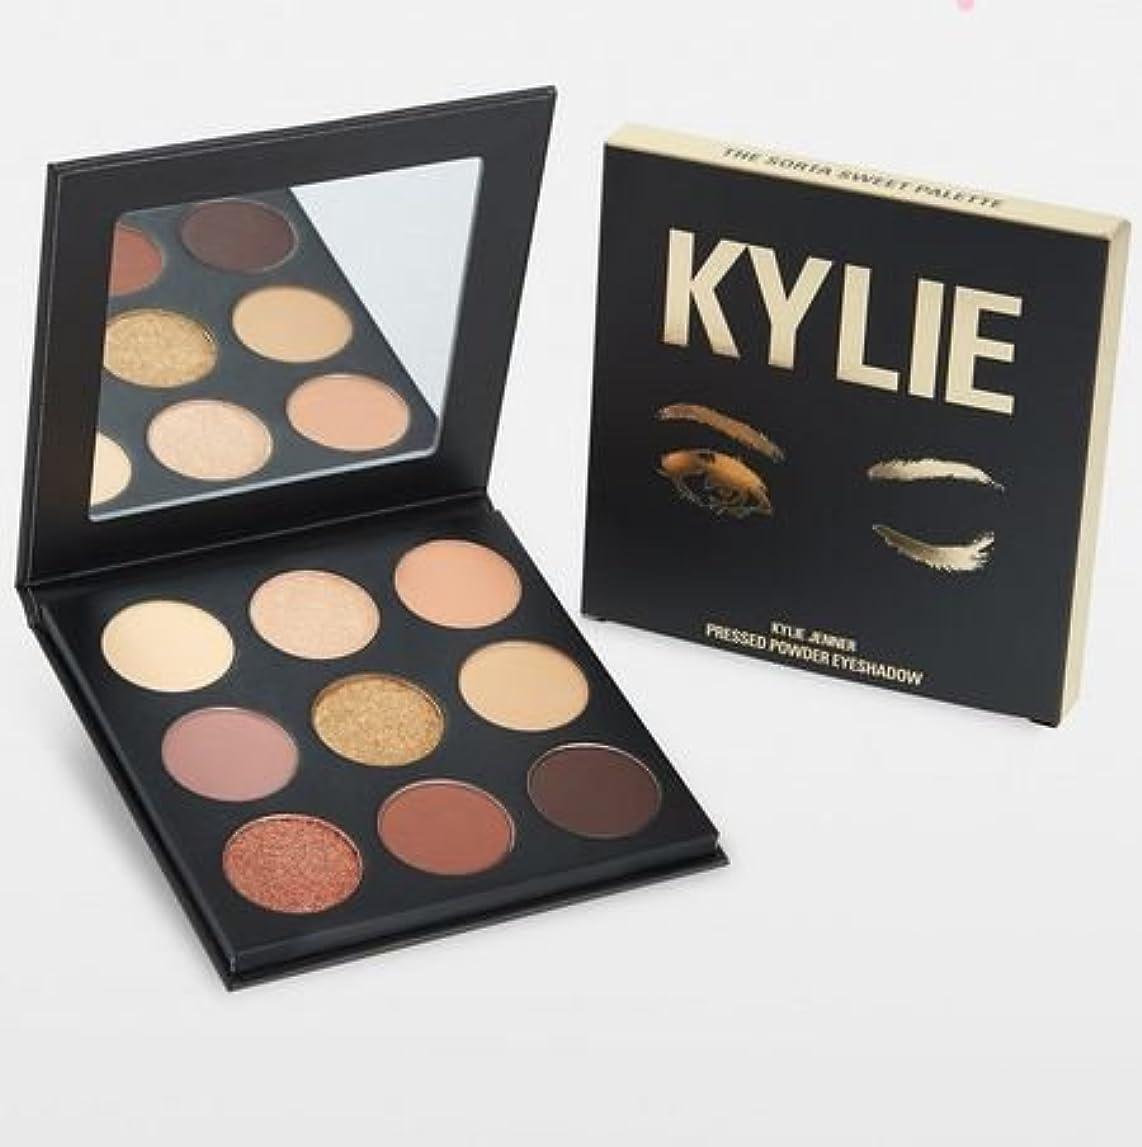 ストッキング宙返り海岸Kylie Cosmetics The Sorta Sweet Palette   Kyshadow カイリーコスメティックス